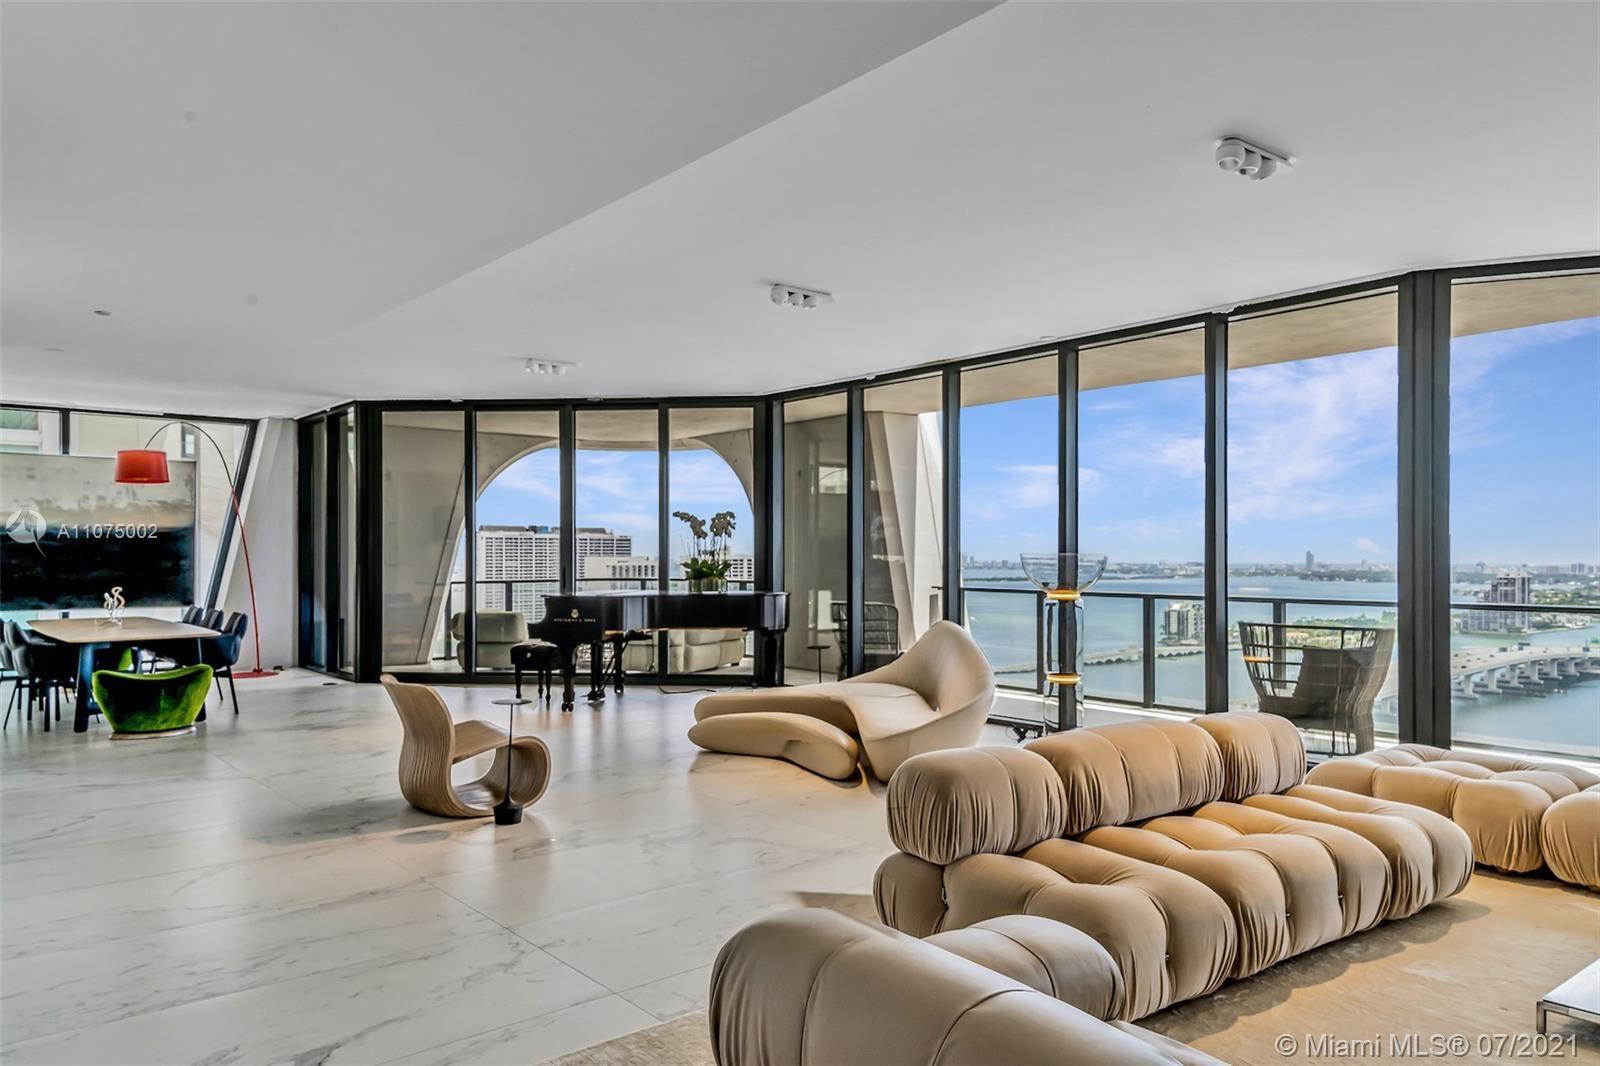 1000 Biscayne Blvd #2902, Miami, FL 33132 - #: A11075002